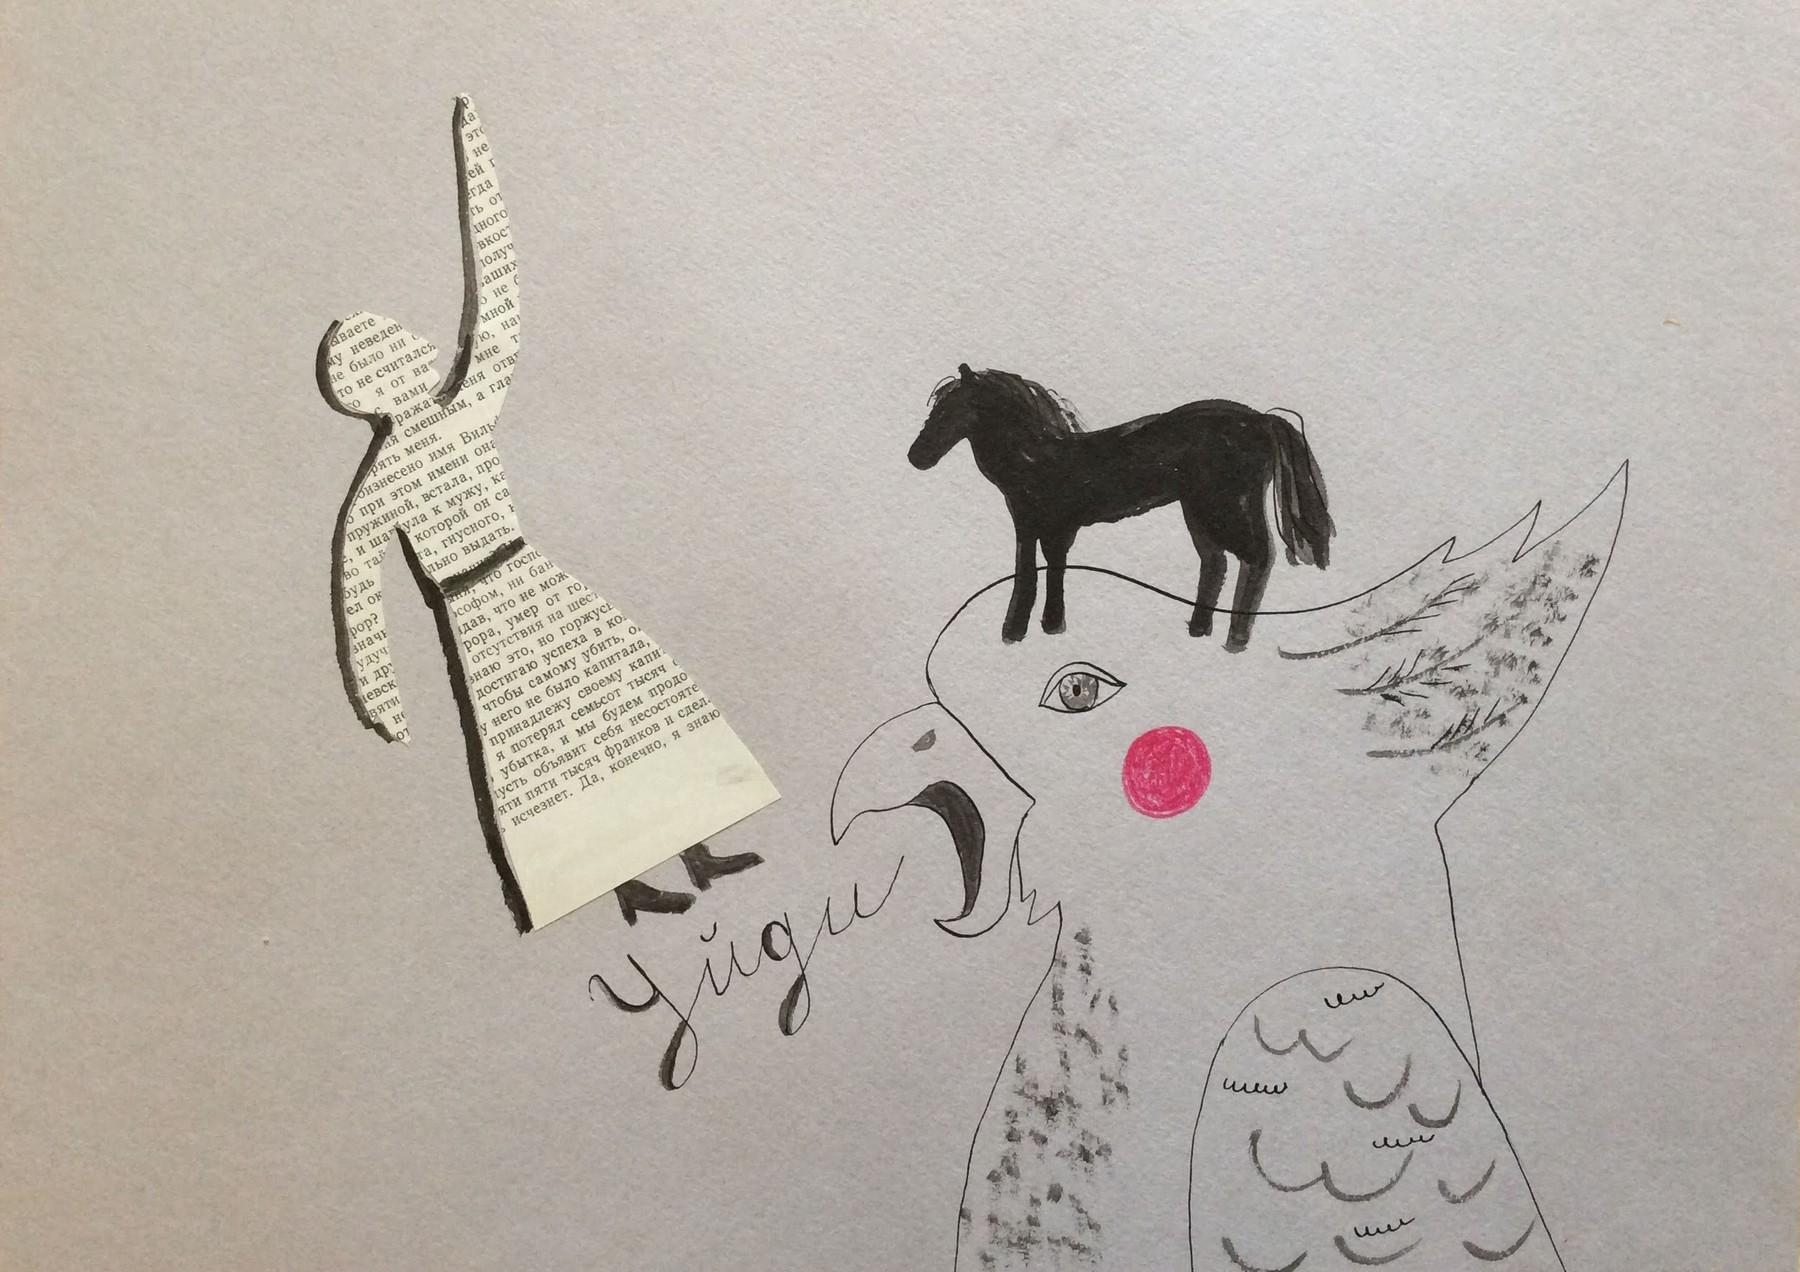 Как иллюстрировать поэзию: мой мастер-класс на Ночи музеев